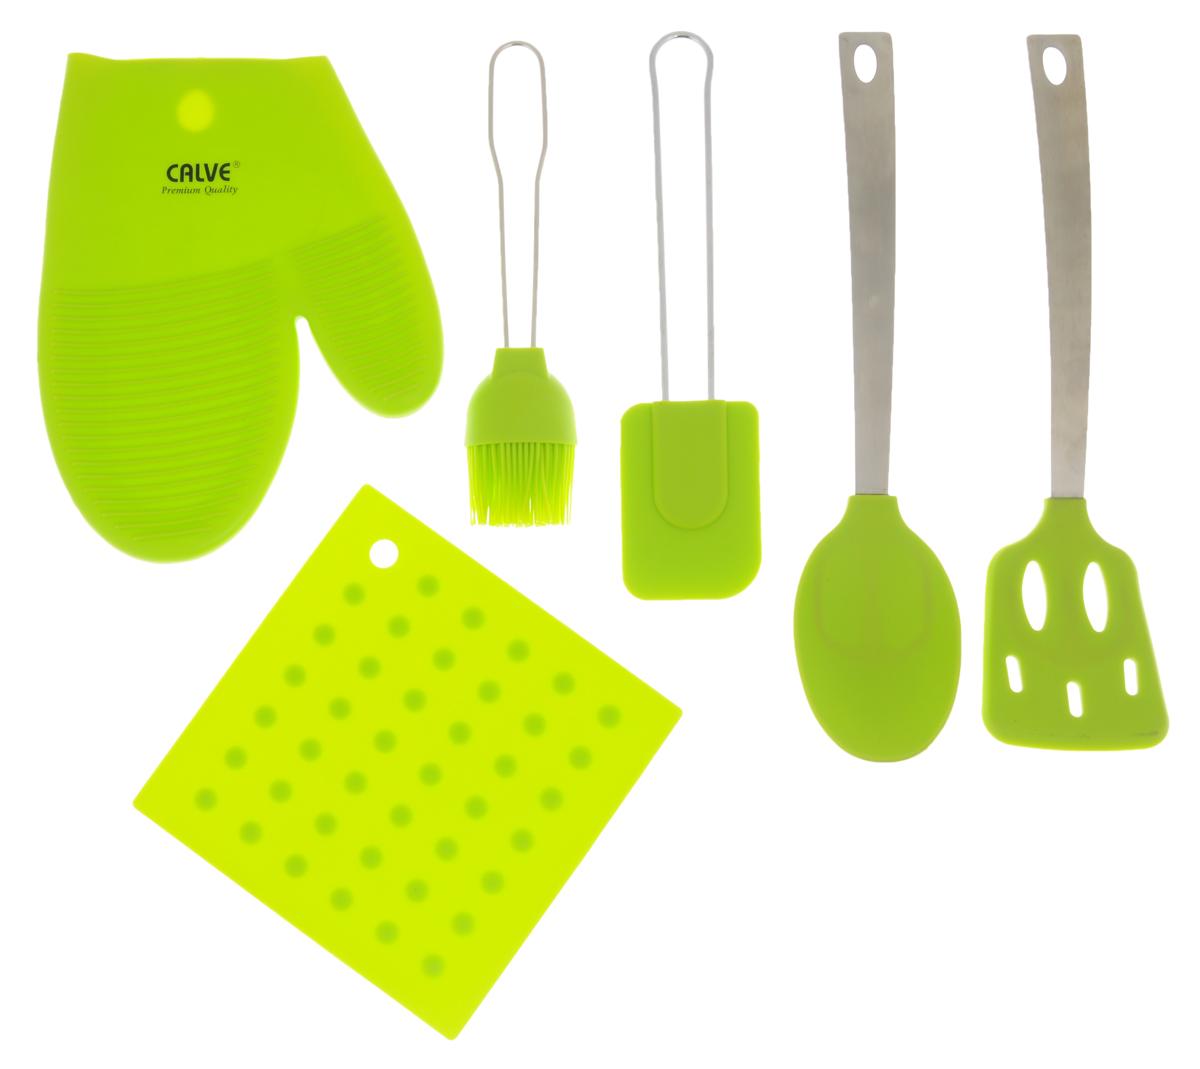 Набор кухонных принадлежностей Calve, цвет: салатовый, 6 предметовCL-4607_салатовыйНабор кухонных принадлежностей Calve включает в себя: силиконовую подставку под горячее, прихватку-варежку, шумовку, ложку, лопатку и кисточку.Рабочая поверхность приборов выполнена из силикона- безопасного для продуктов питания материала. Силикон устойчив к перепадам температуры от -40°C до +230°C, практичен при хранении за счет гибкости. Ручки выполнены из нержавеющей стали. Лопатка и ложка снабжены специальными отверстиями, благодаря которым, вы сможете их подвесить в любое удобное место.Эксклюзивный дизайн, эстетичность и функциональность набора Calve позволят ему занять достойное место среди кухонного инвентаря.Не используйте для чистки абразивные моющие средства и металлические мочалки.Чистите принадлежности только с помощью мыльной воды и мягкой щетки. Размер подставки: 17 х 17 см.Размер прихватки-варежки: 22 х 17 см.Общая длина шумовки: 31 см.Размер рабочей поверхности шумовки: 11 х 7,2 см.Общая длина ложки: 32 см.Размер рабочей поверхности ложки:11,7 х 7 см.Общая длина лопатки: 25,2 см.Размер рабочей поверхности лопатки: 8,5 х 6,2 см.Общая длина кисточки: 21,5 см.Размер рабочей поверхности кисточки: 8 х 5,3 см.